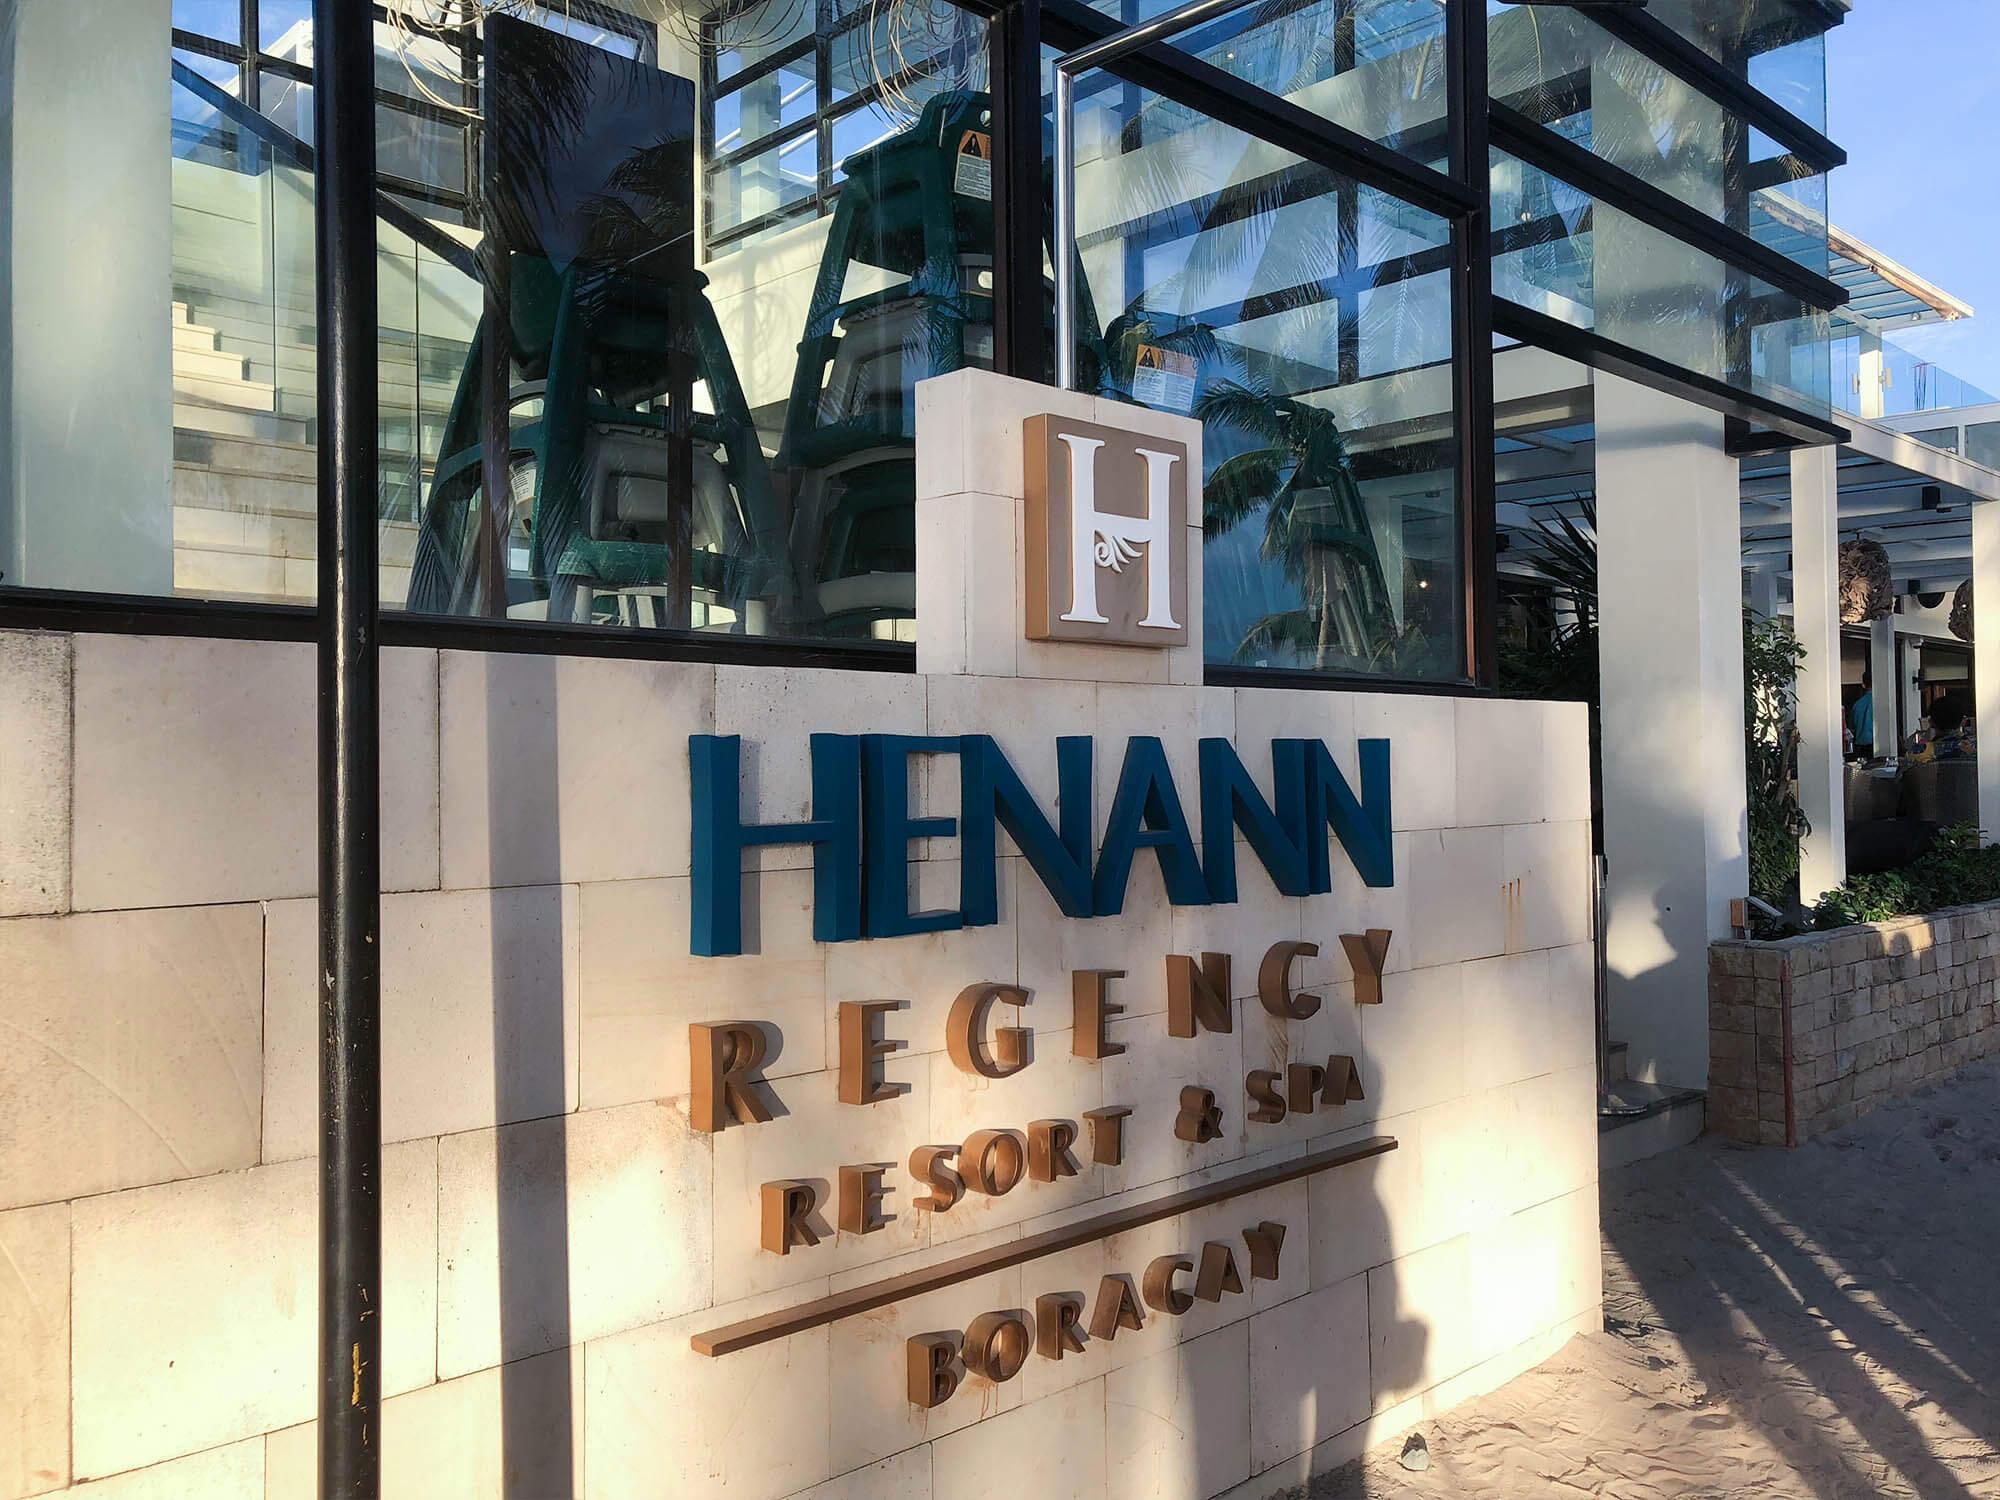 Henann Regency